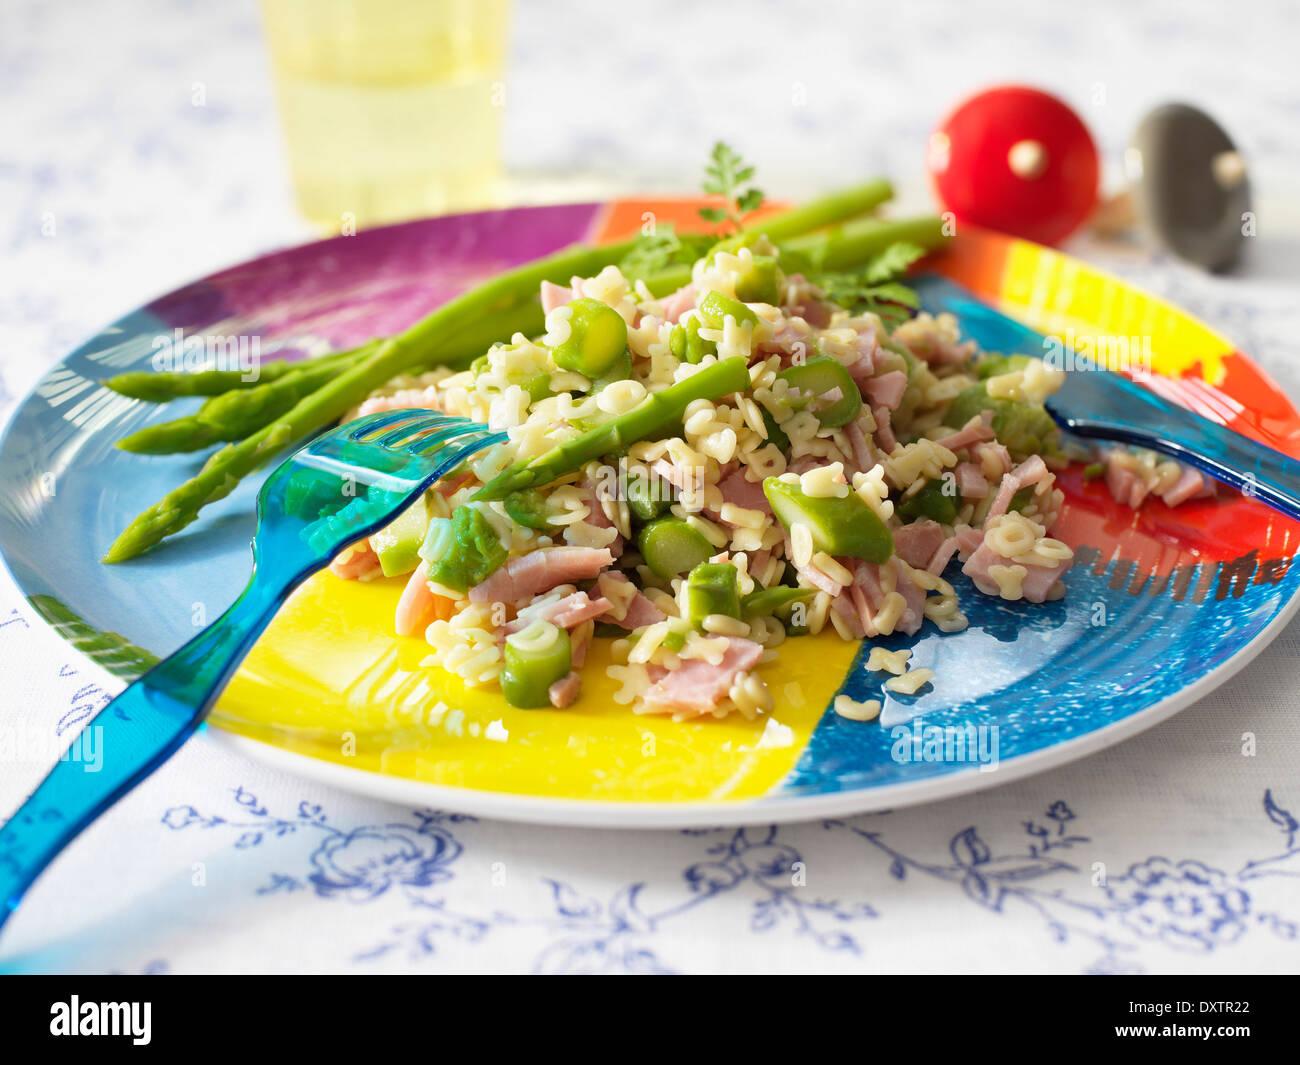 Les pâtes alphabet au jambon et asperges vertes Photo Stock